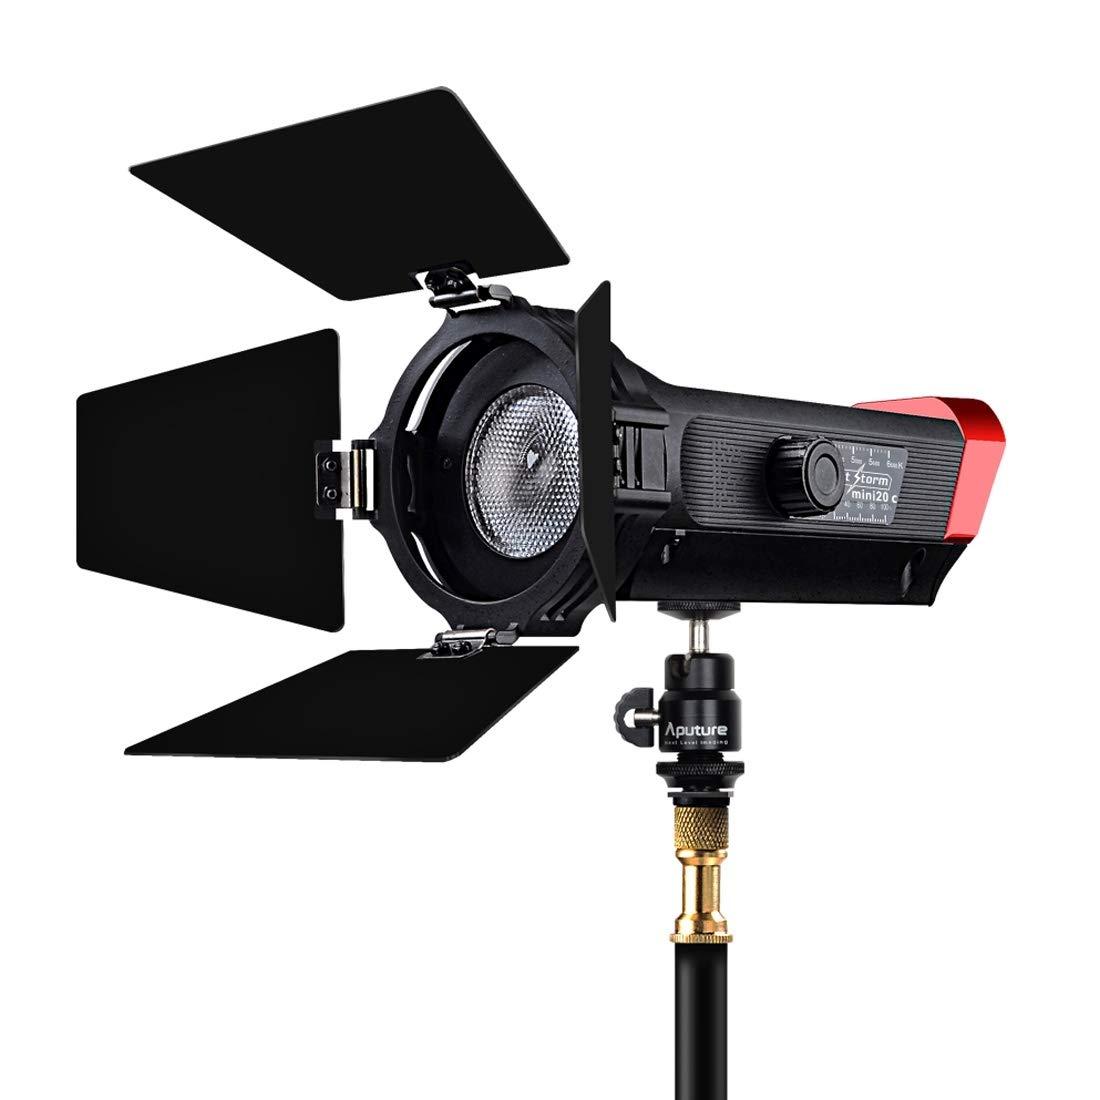 ライトストームハイカラーレンディションTLCI 97 7500K +/- 300Kビームアングル調整可能COB LEDスタジオビデオライト,   B07N6CX1PC